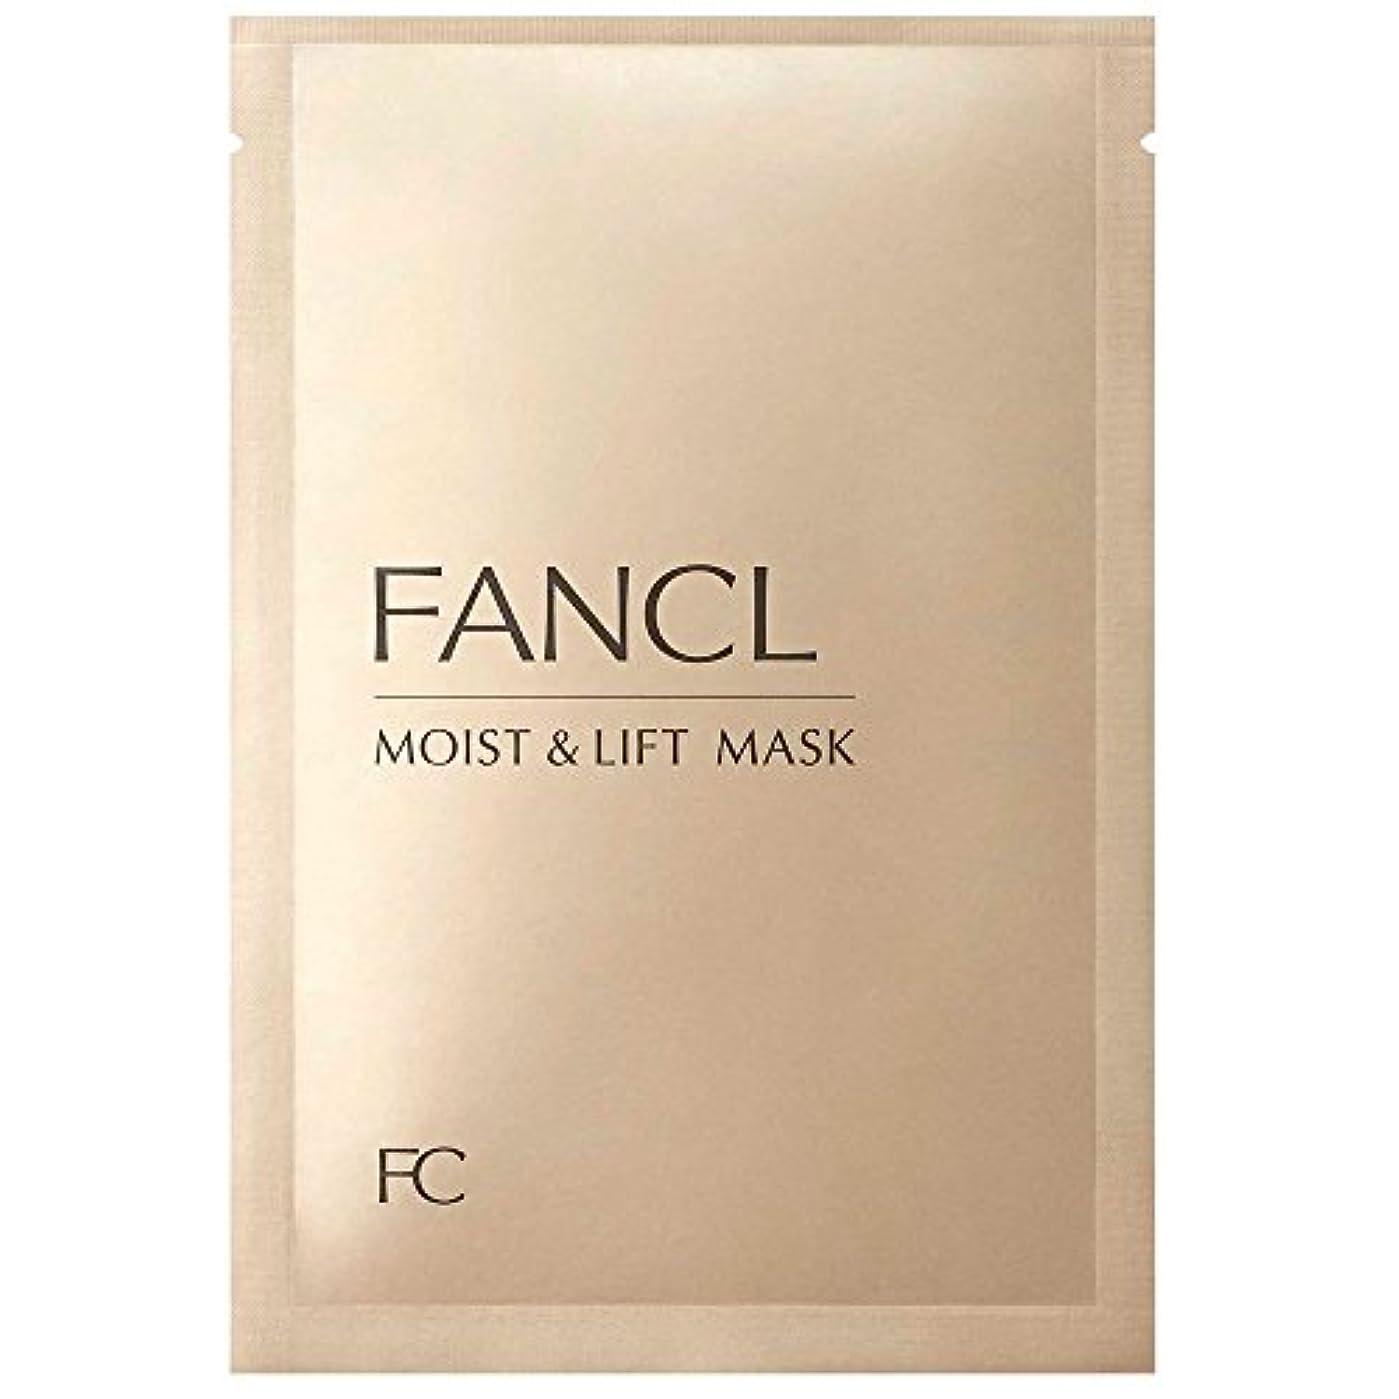 群れセットする切るファンケル (FANCL) モイスト&リフトマスク M&L マスク 6枚セット (28mL×6)